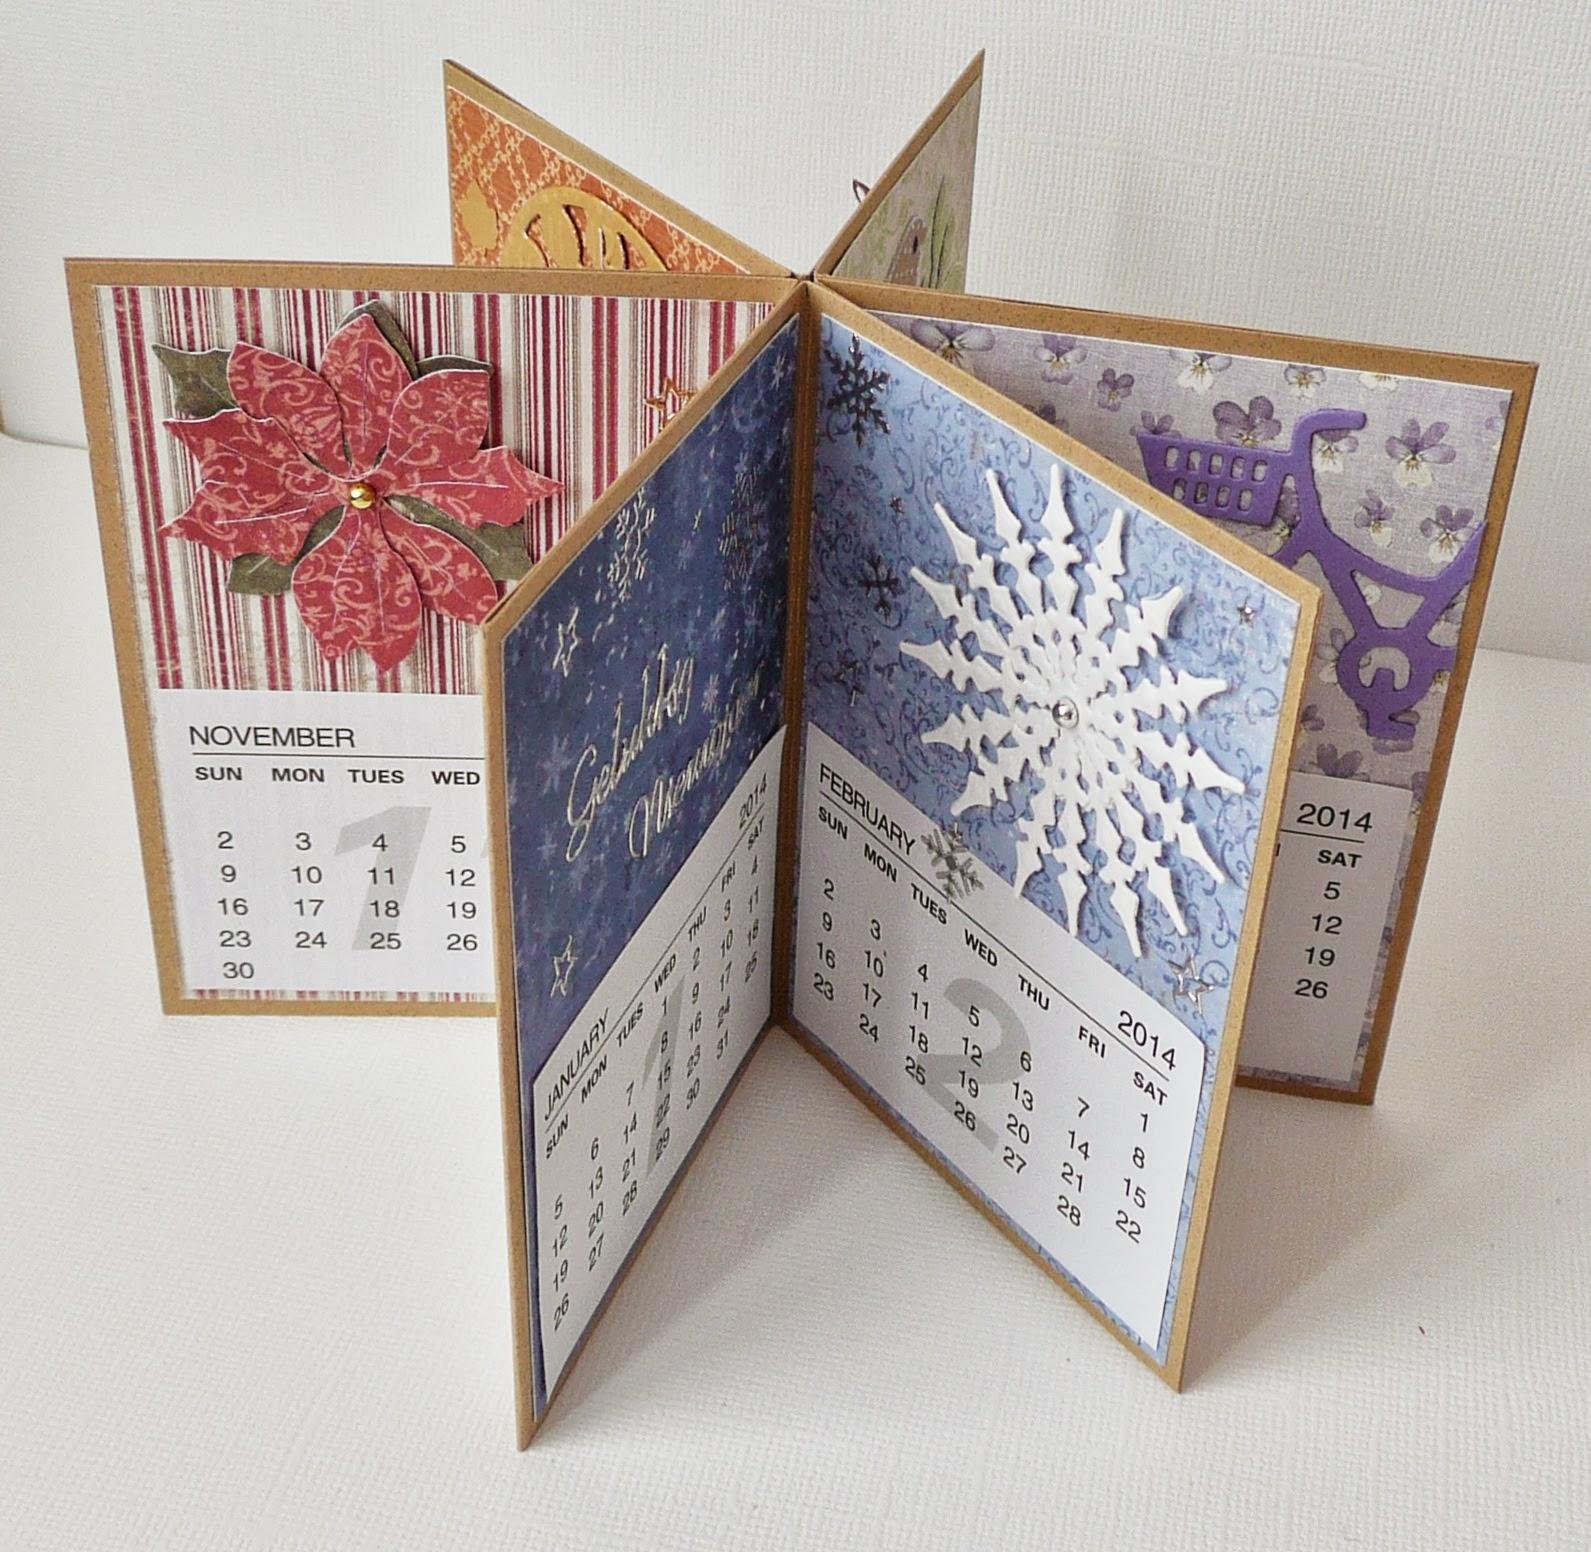 Crea10us workshop kalender for Kalender design